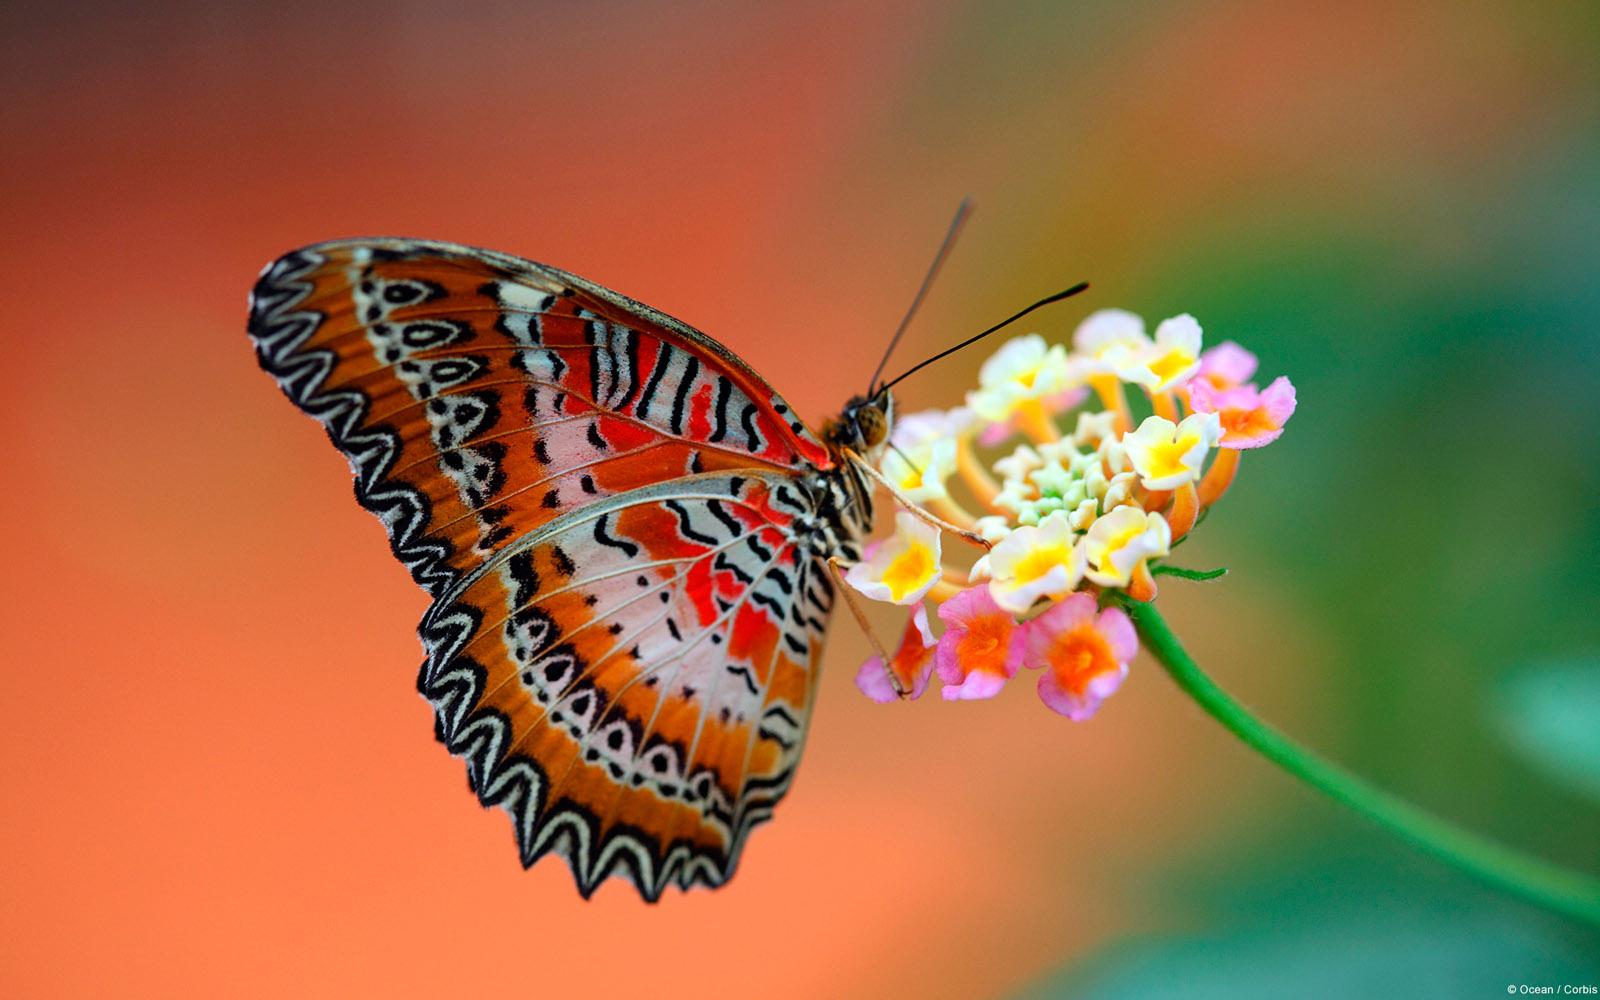 Sfondo hd farfalla sfondi hd gratis for Sfondi farfalle gratis